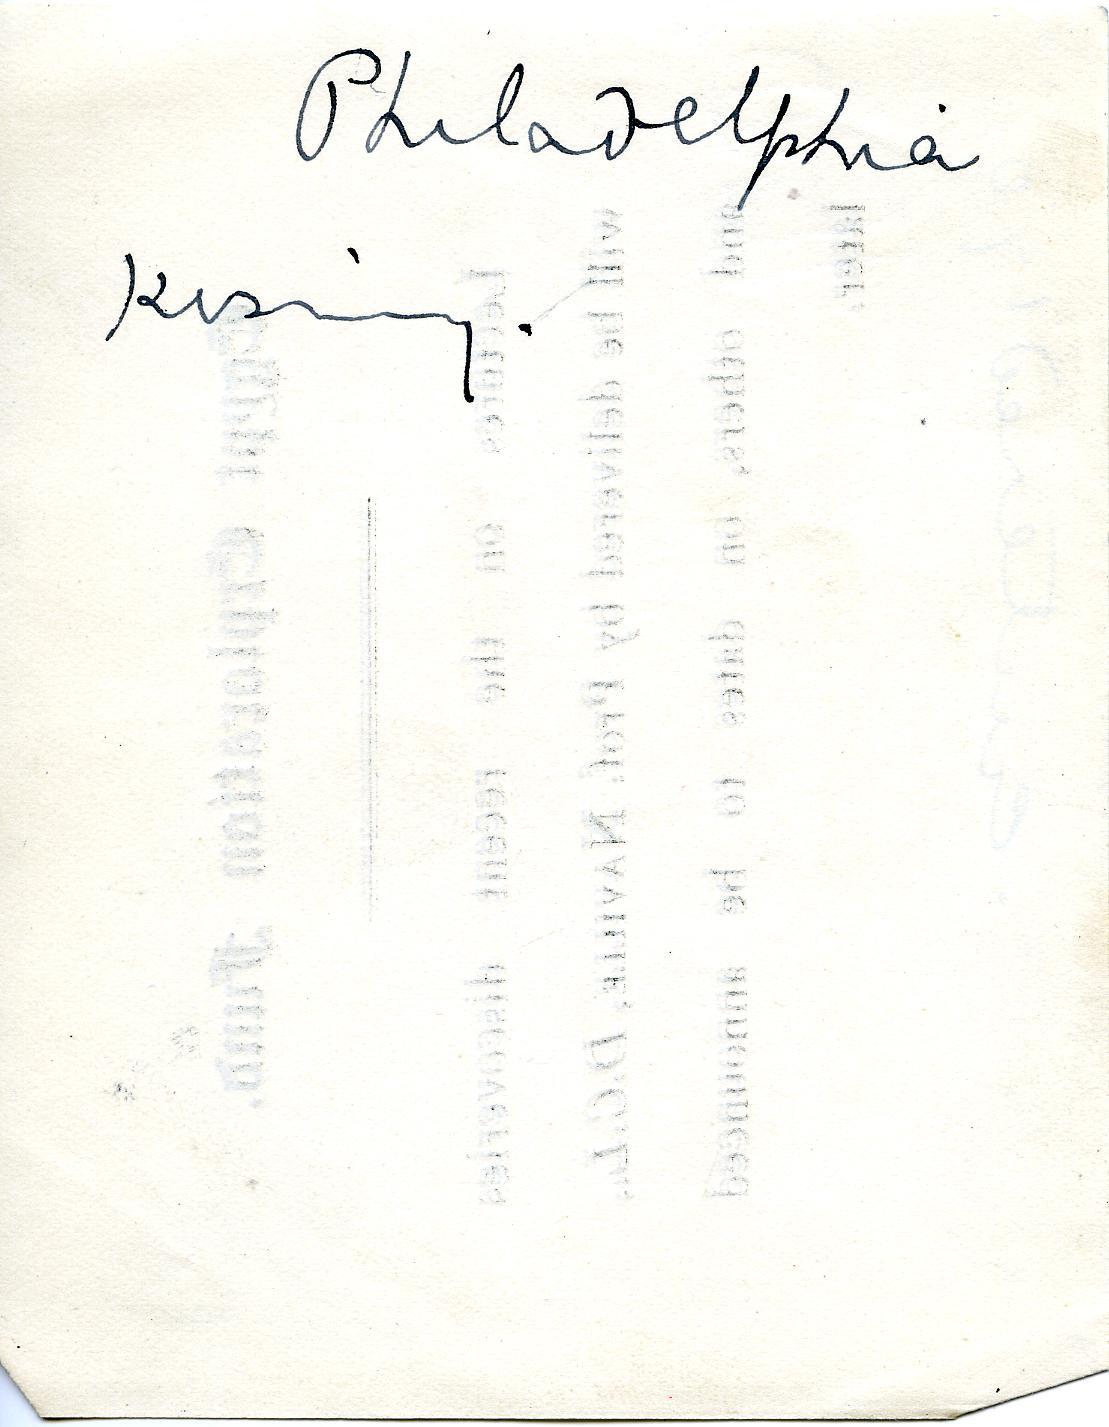 1905-06 Deir el-Bahri, Oxyrhynchus DIST.26.13.064